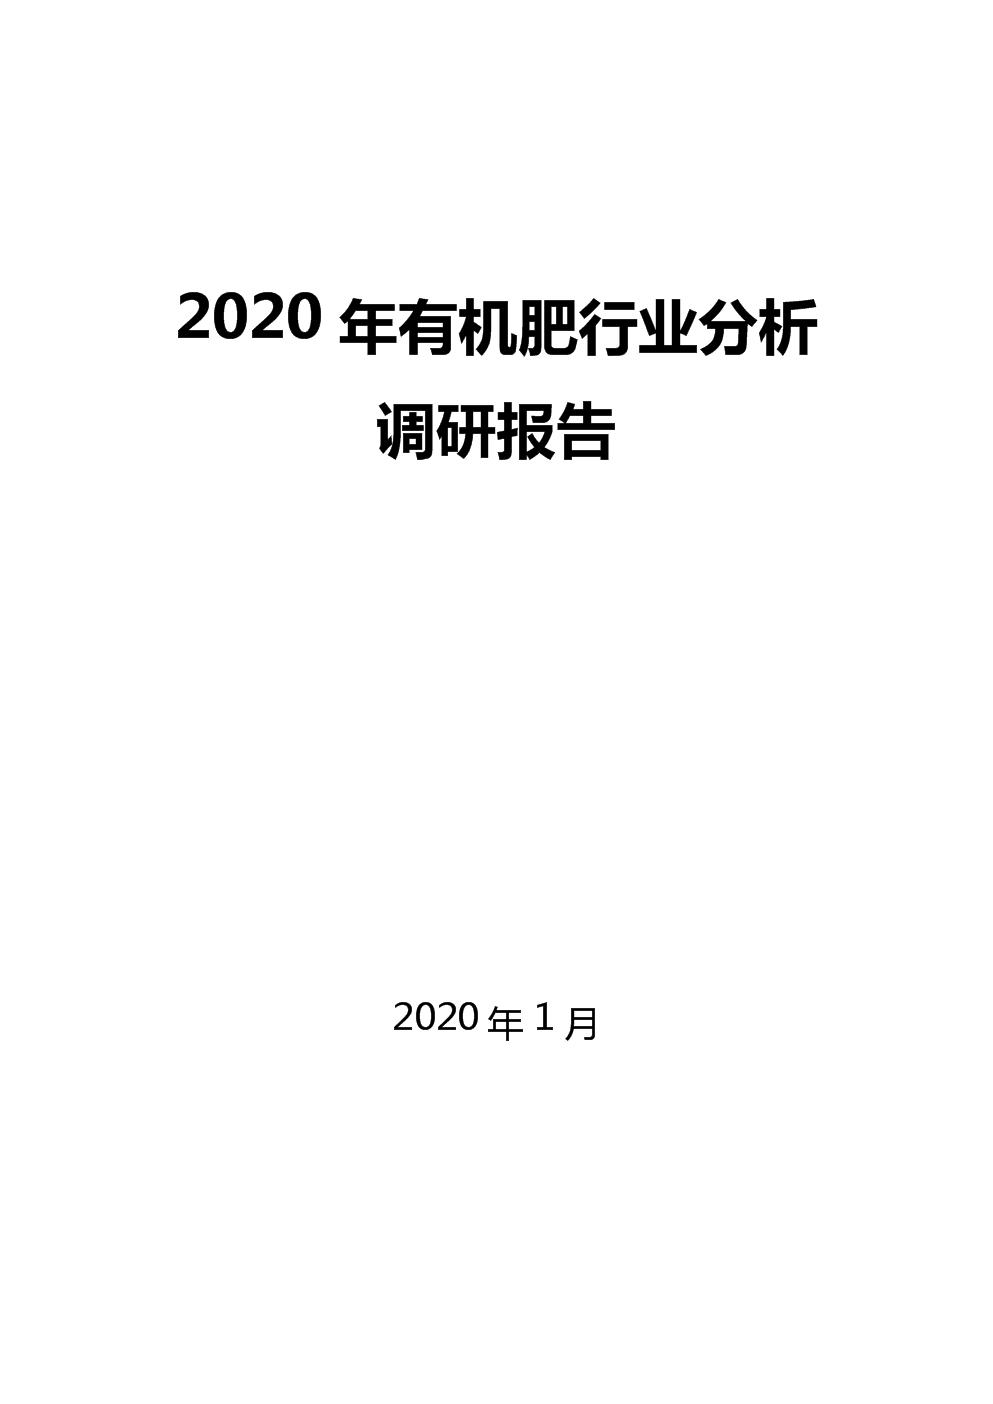 2020有机肥行业分析调研报告.docx